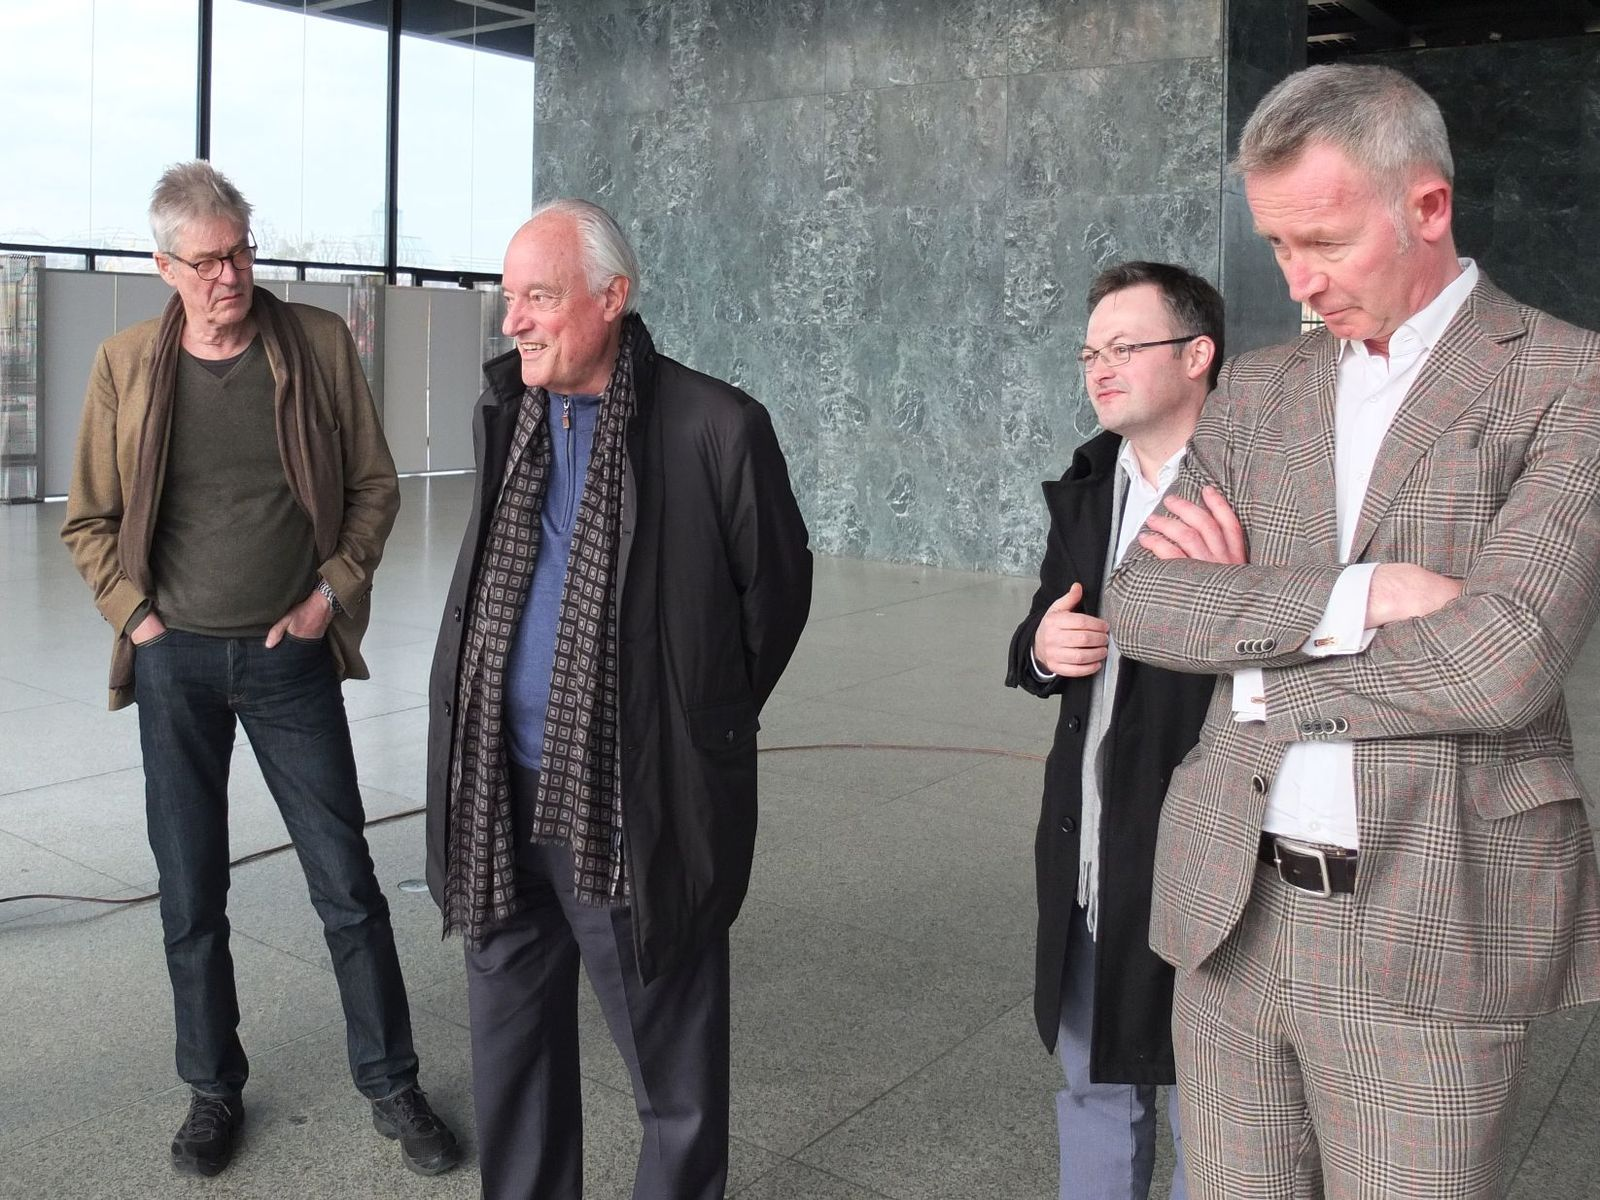 Der Architekt Dirk Lohan zu Besuch in der Neuen Nationalgalerie 2016. Foto: schmedding.vonmarlin.